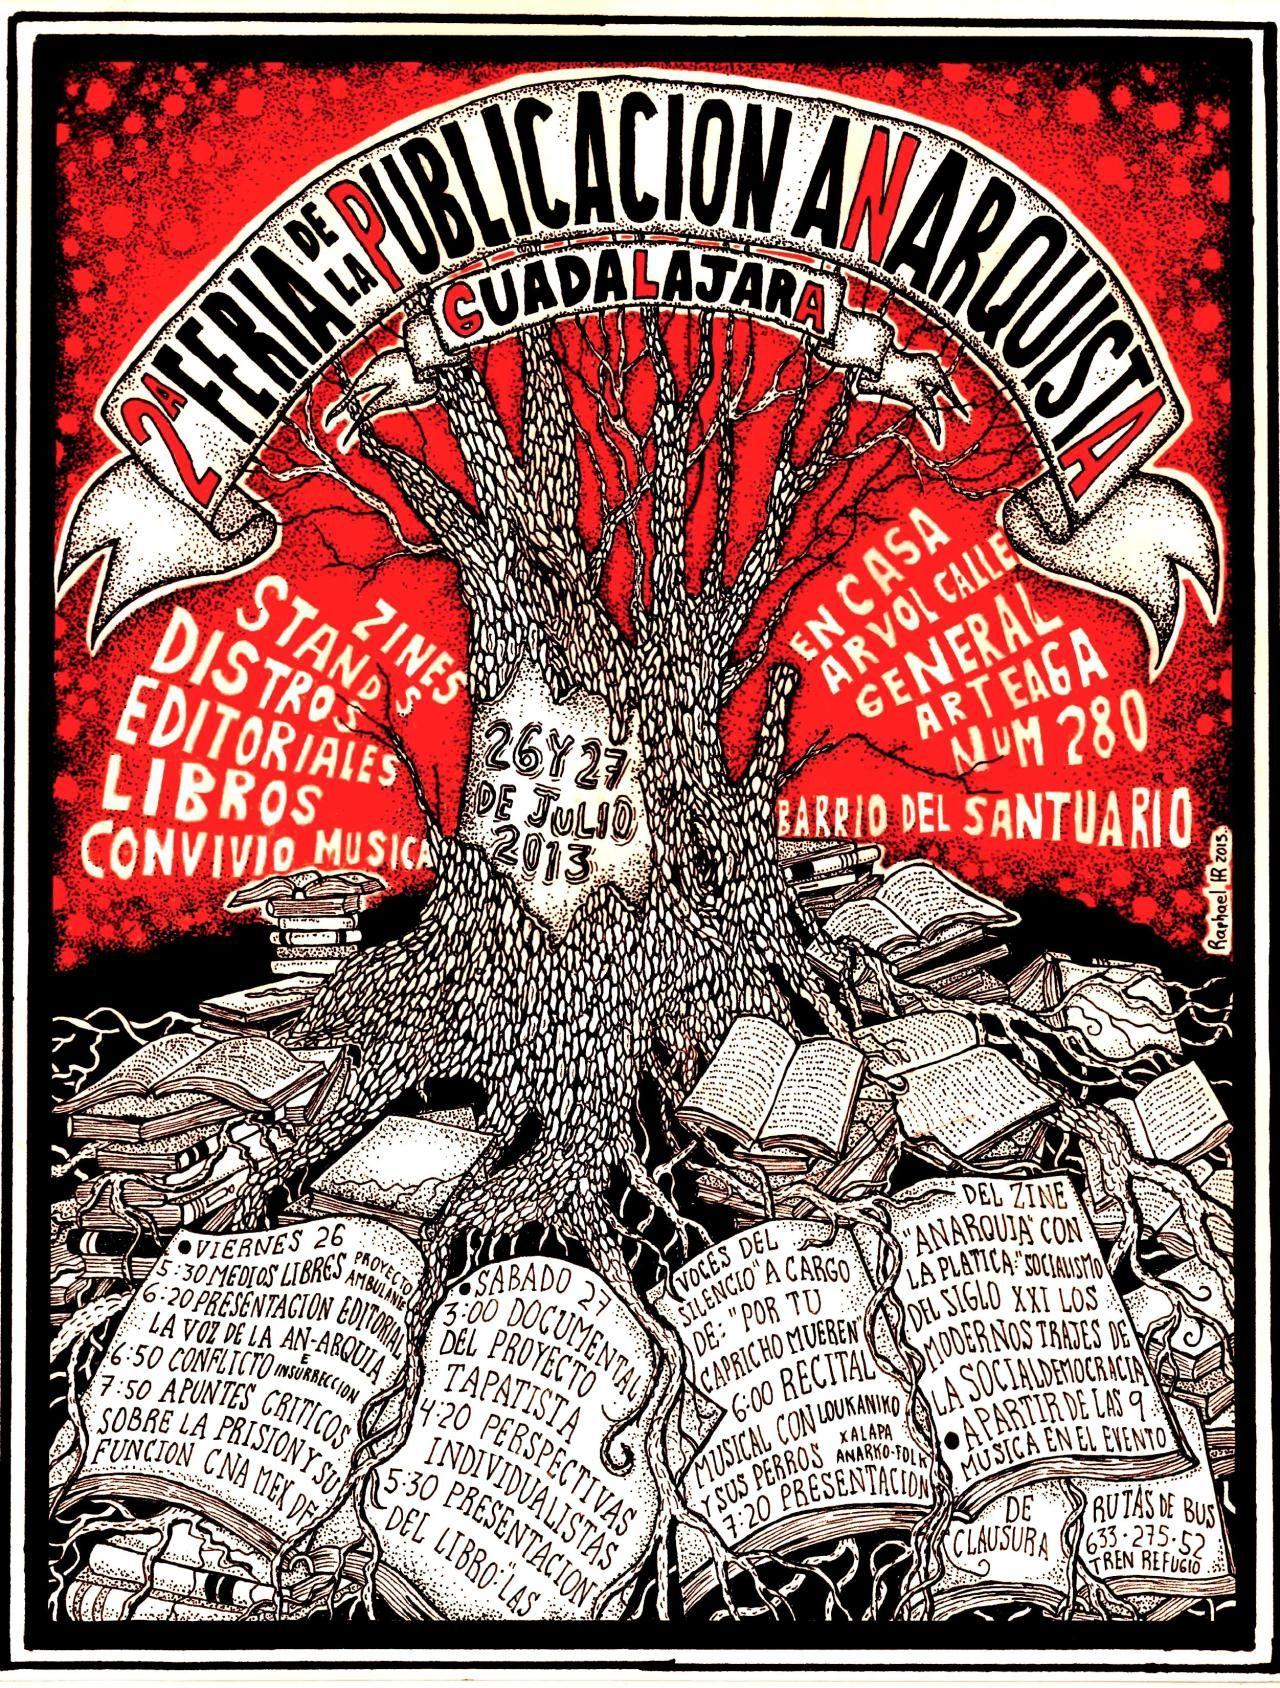 Cartel hecho para la segunda feria del Libro Anarquista de Guadalajara